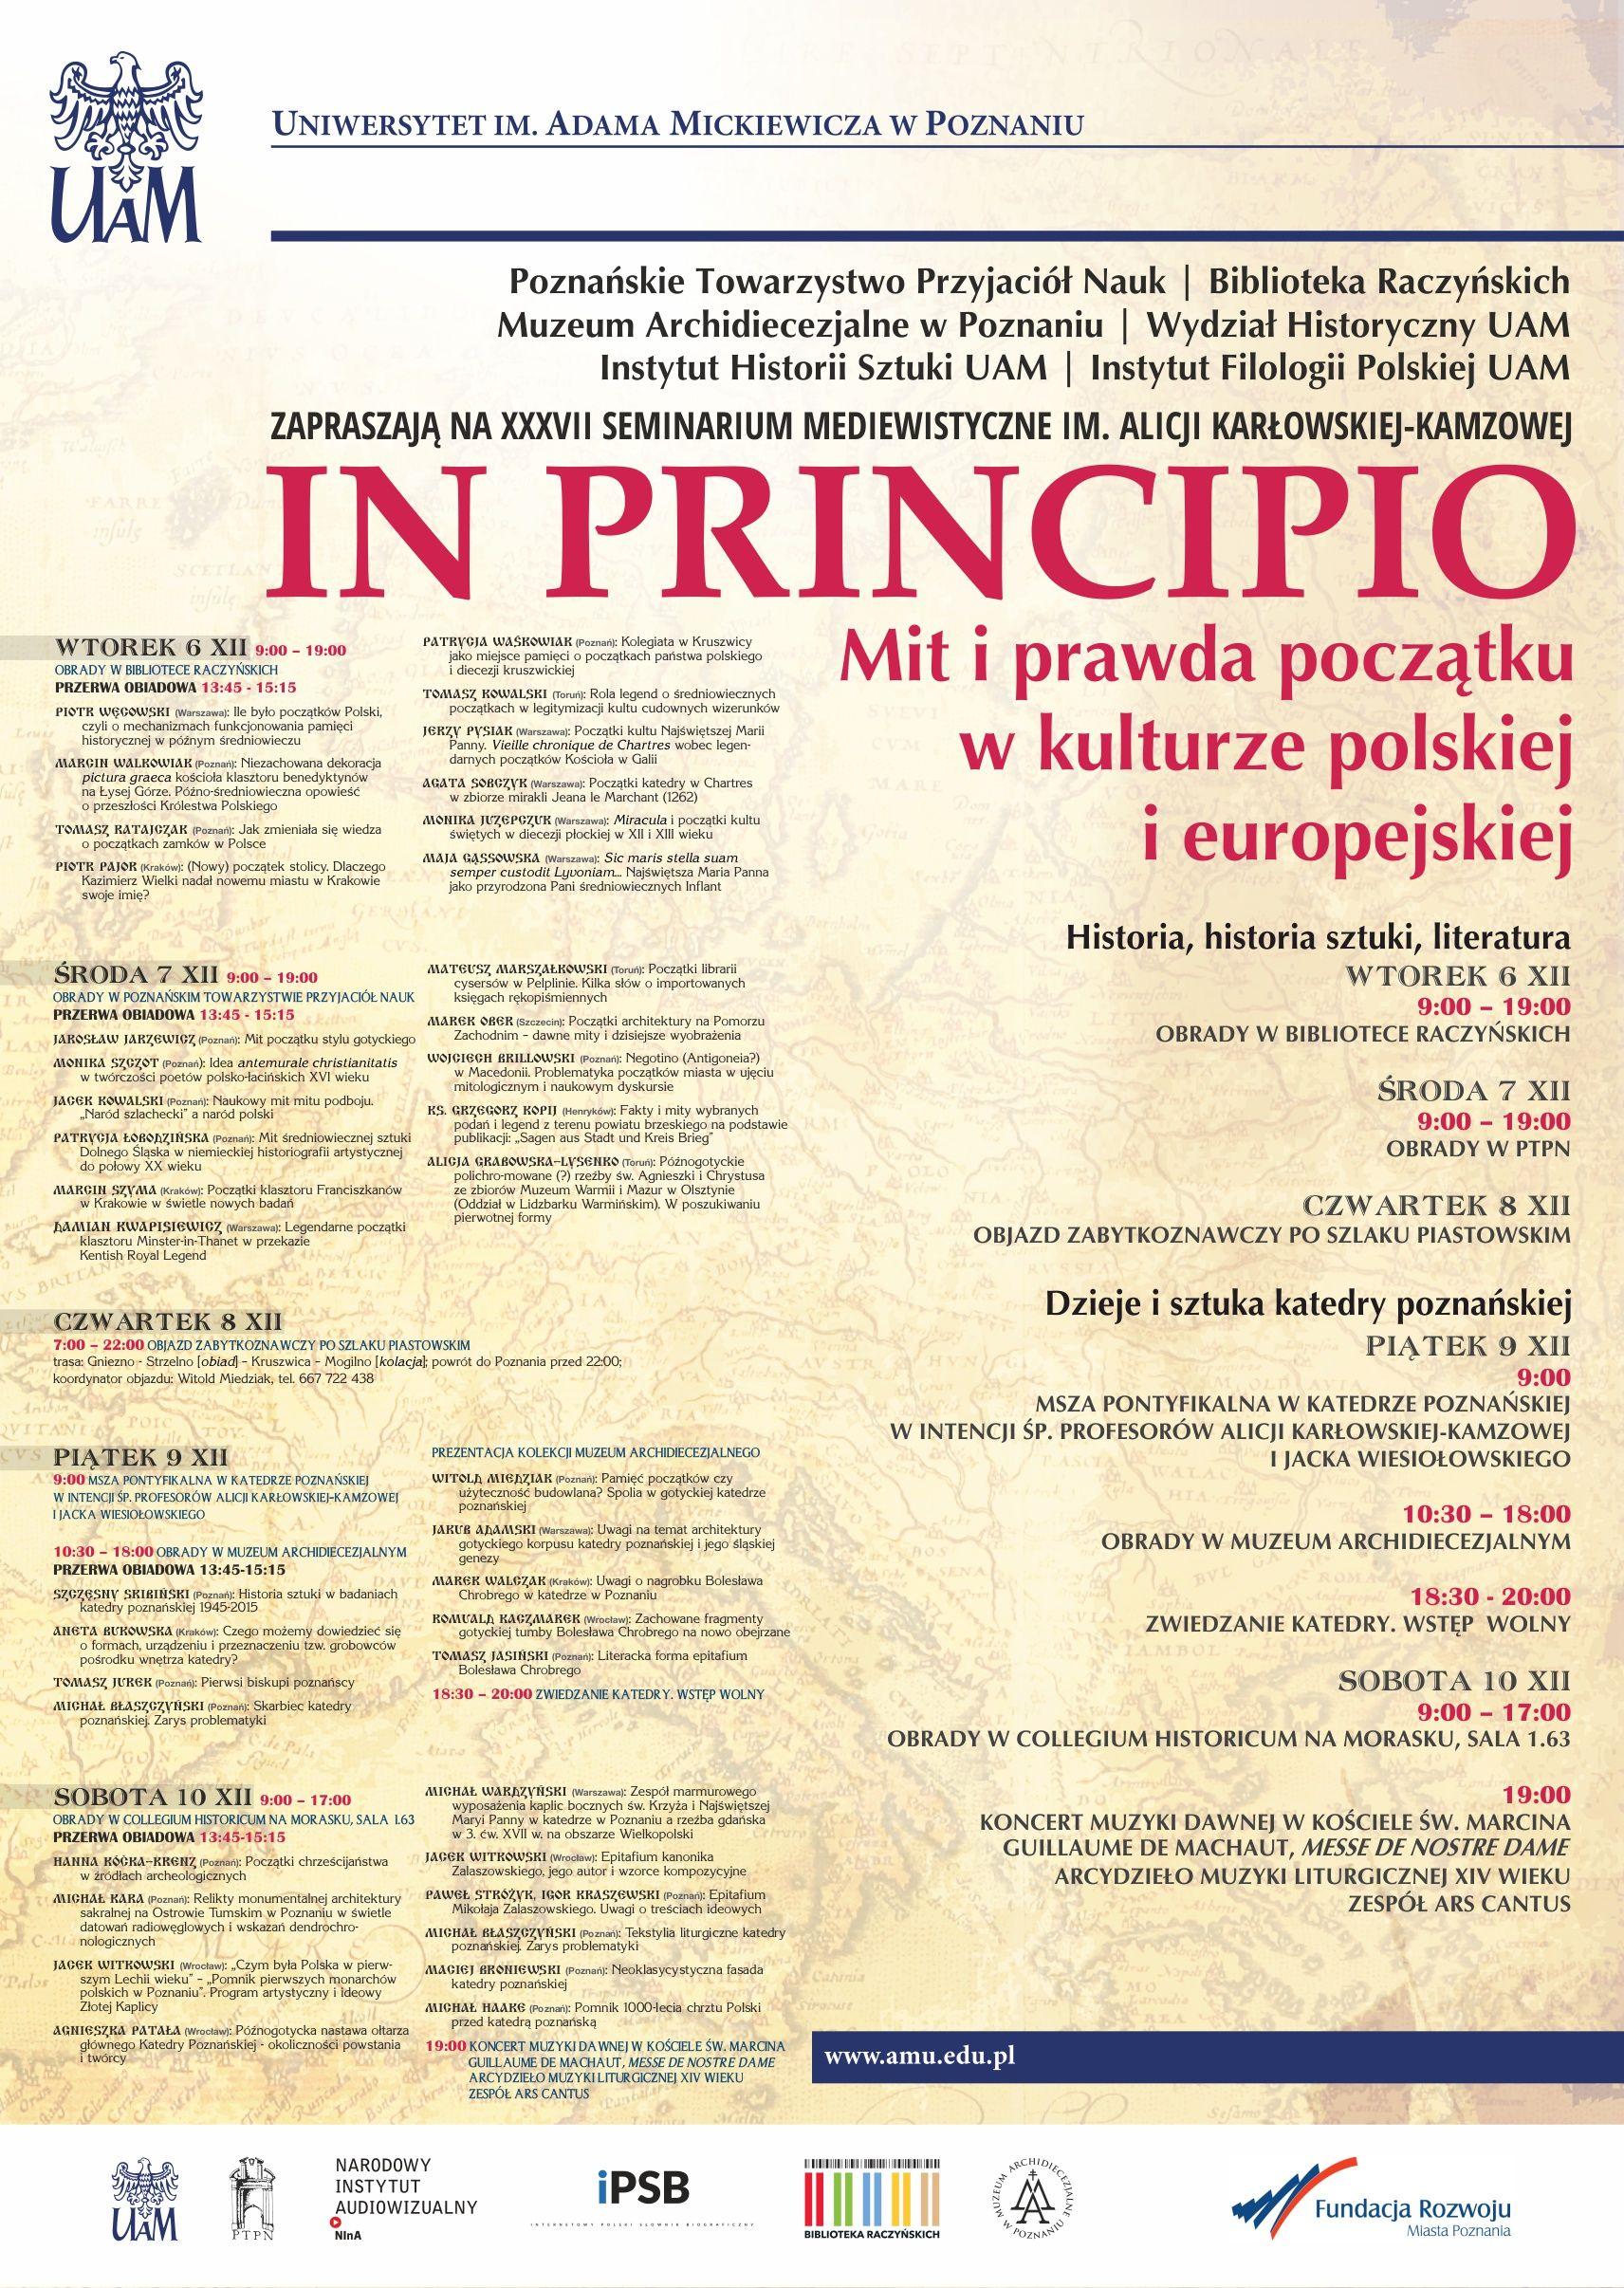 Zaproszenie Na Xxxvii Seminarium Mediewistyczne Poznańskie